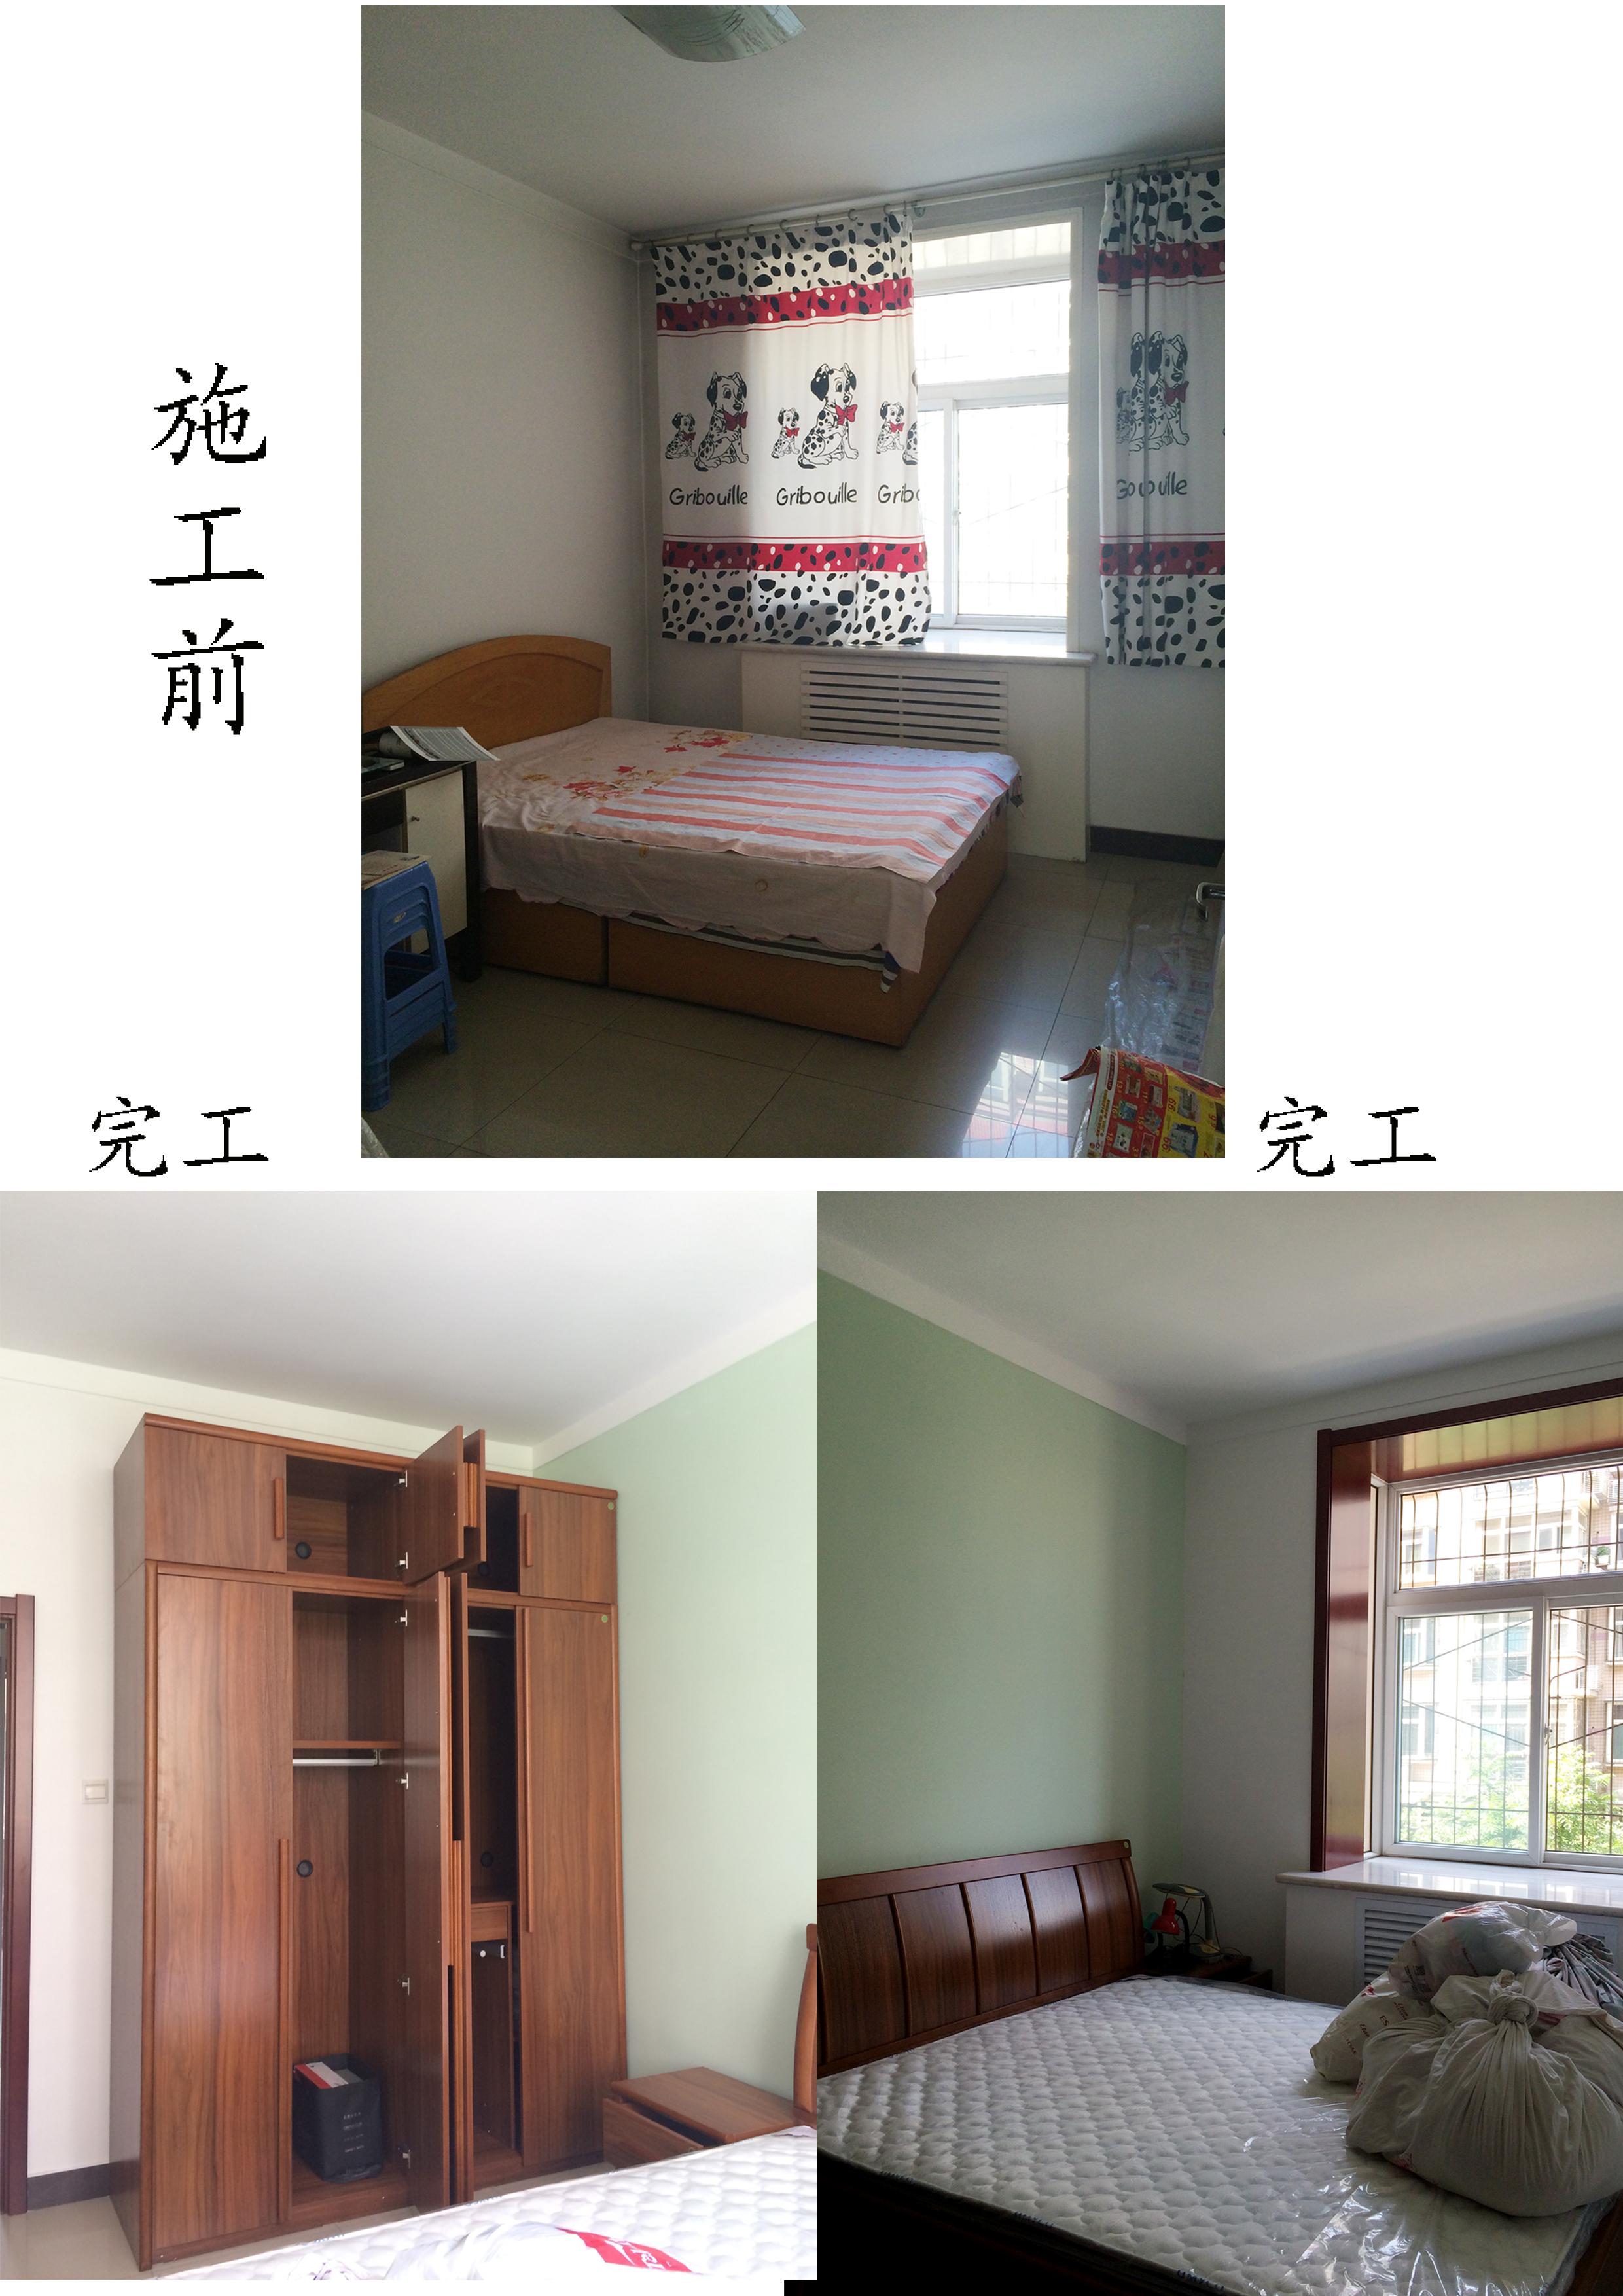 卧室图片来自石家庄装饰家美1在【石家庄装修】解放军干休所的分享